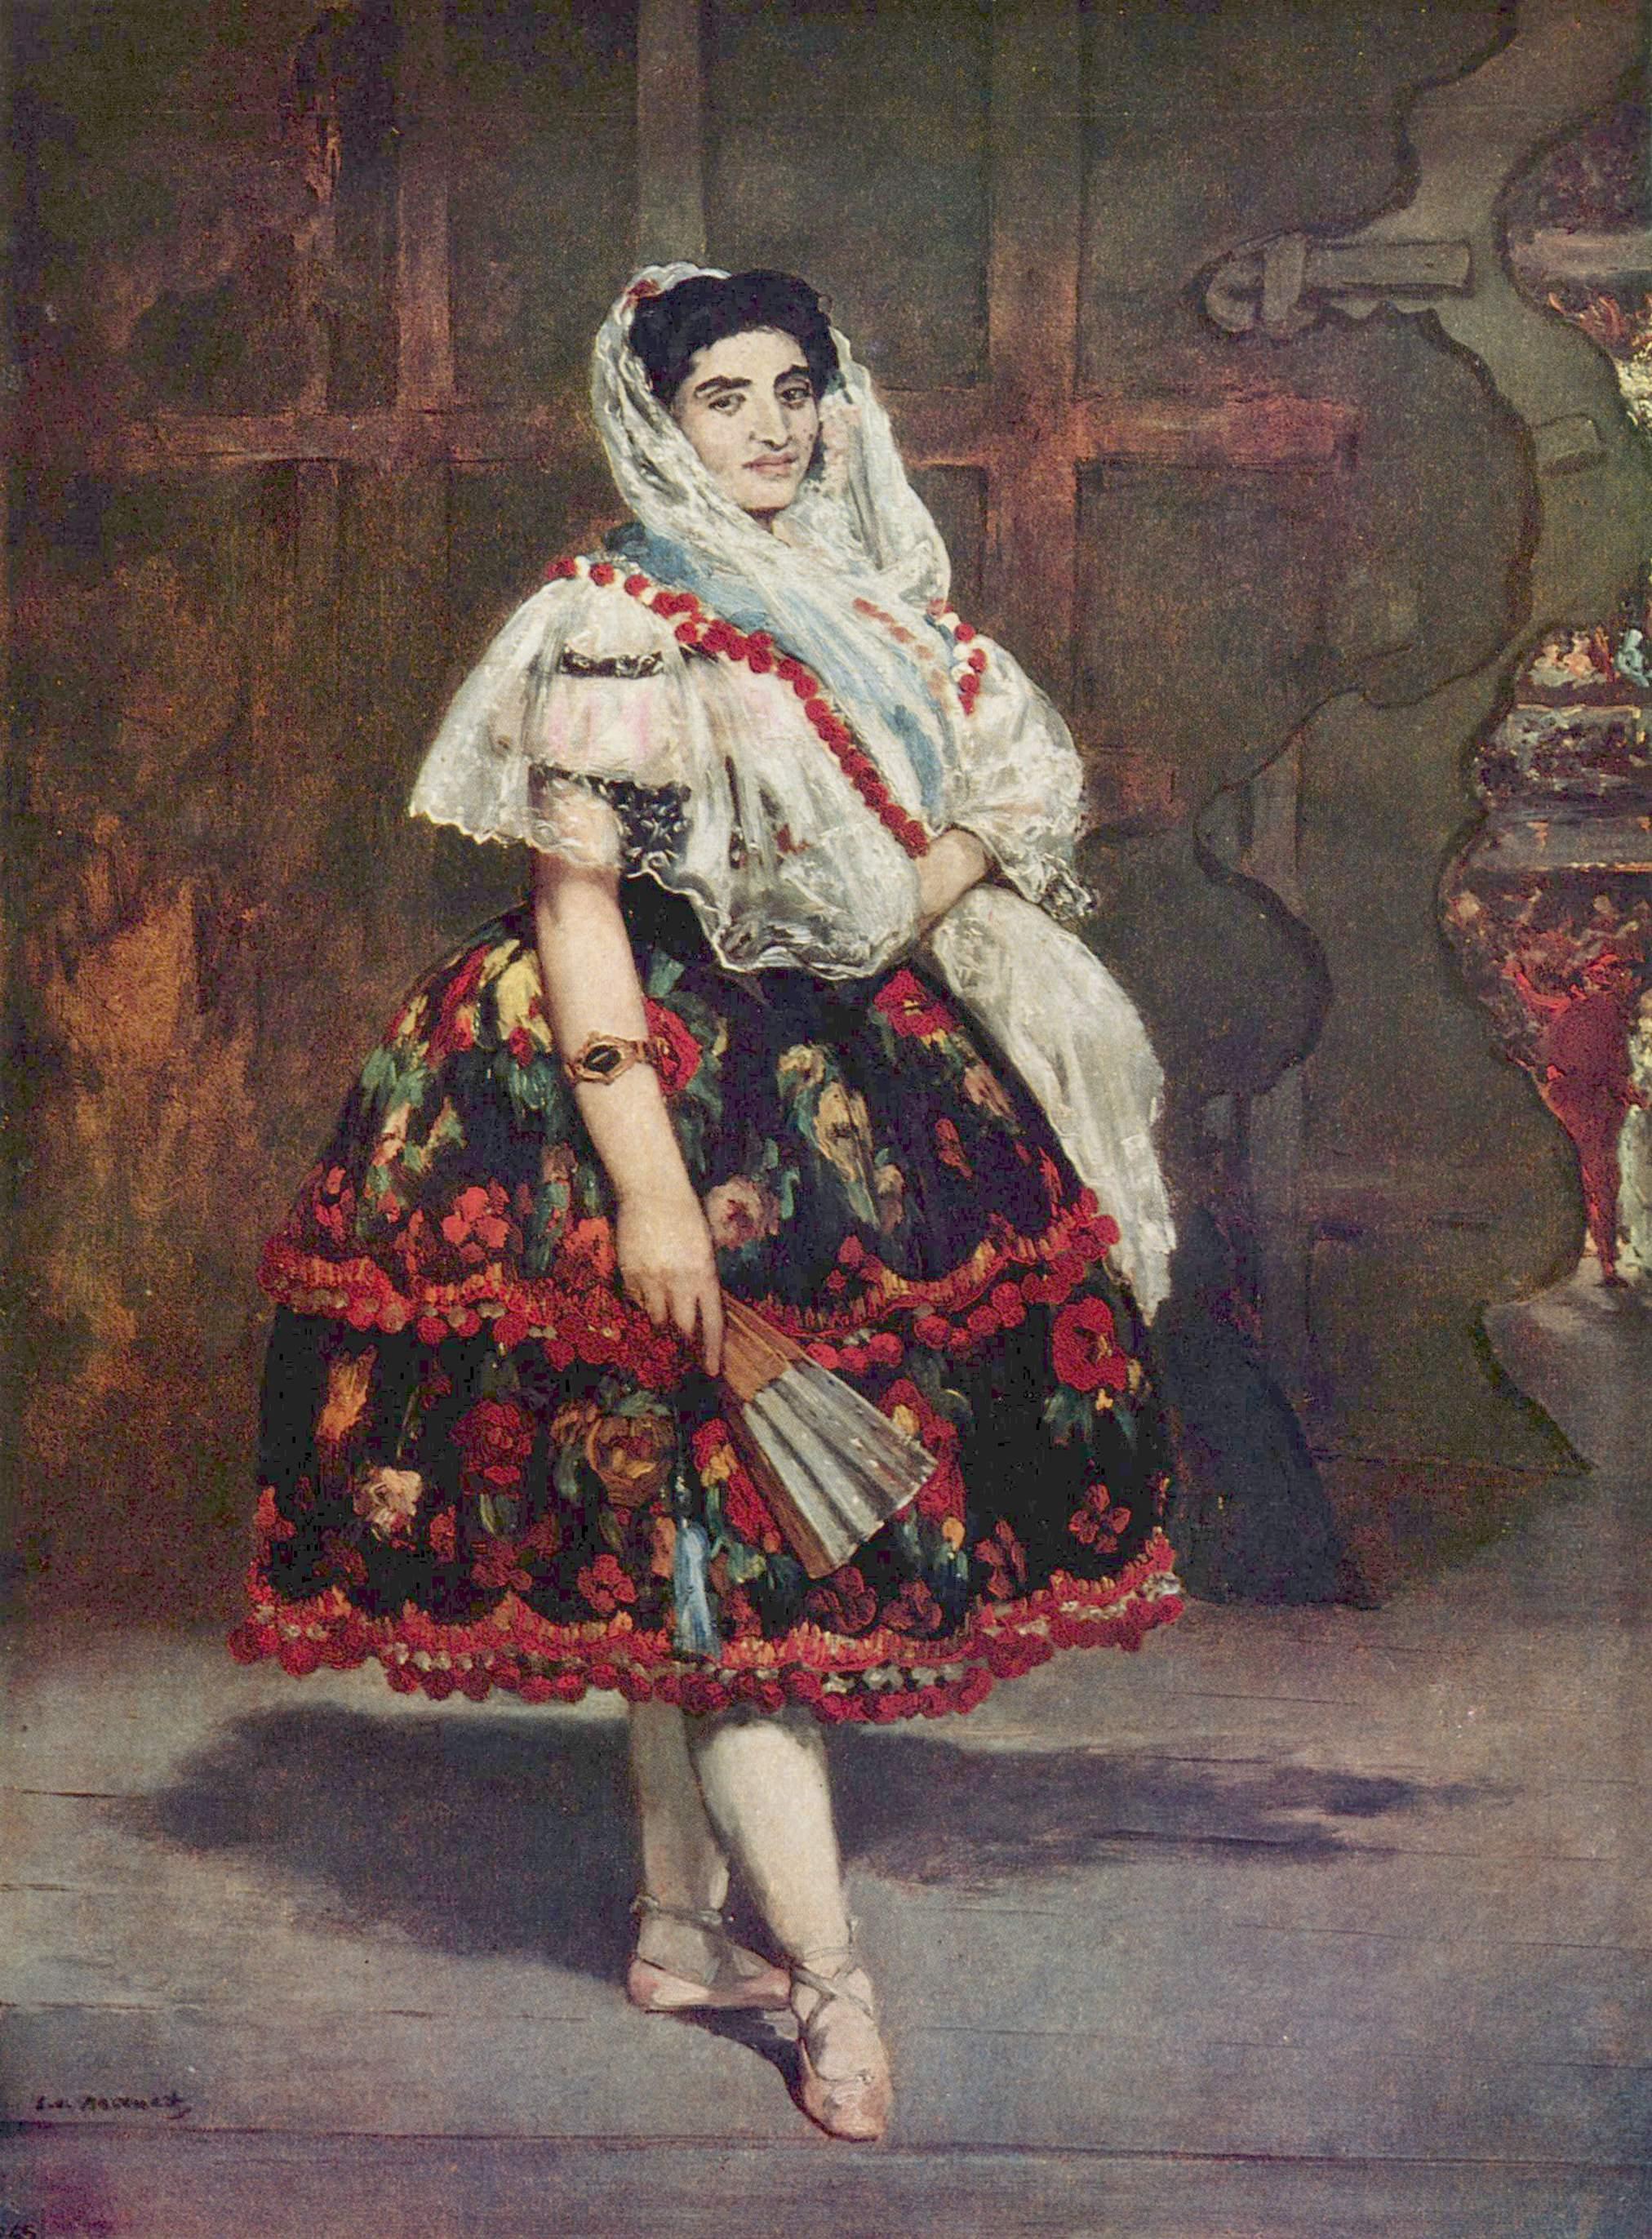 Figura 5 - Édouard Manet, Lola de Valência.